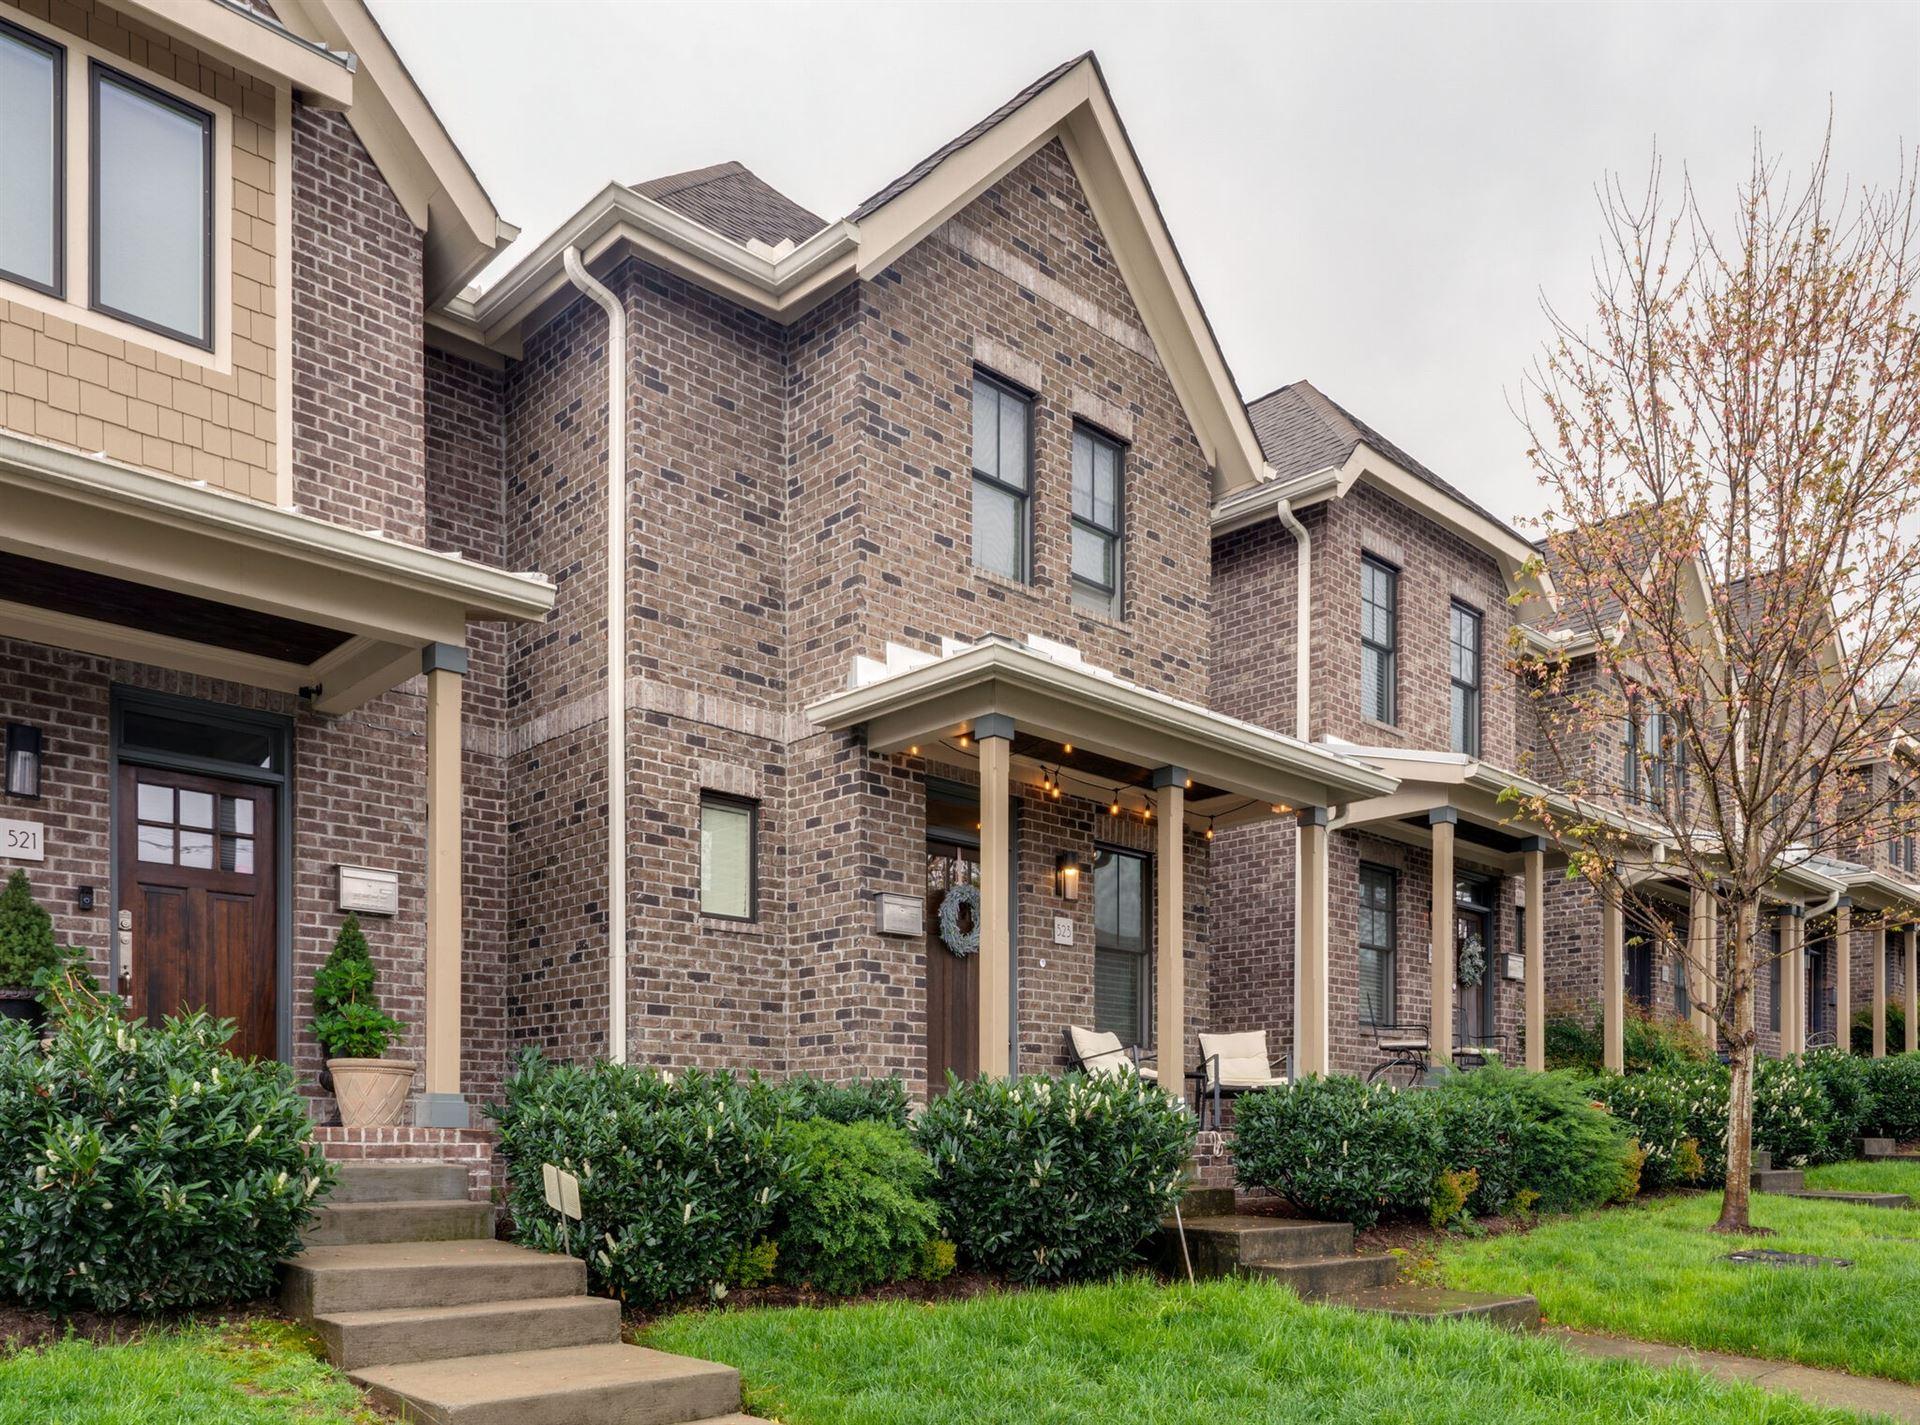 Photo of 523 Garfield St, Nashville, TN 37208 (MLS # 2244292)